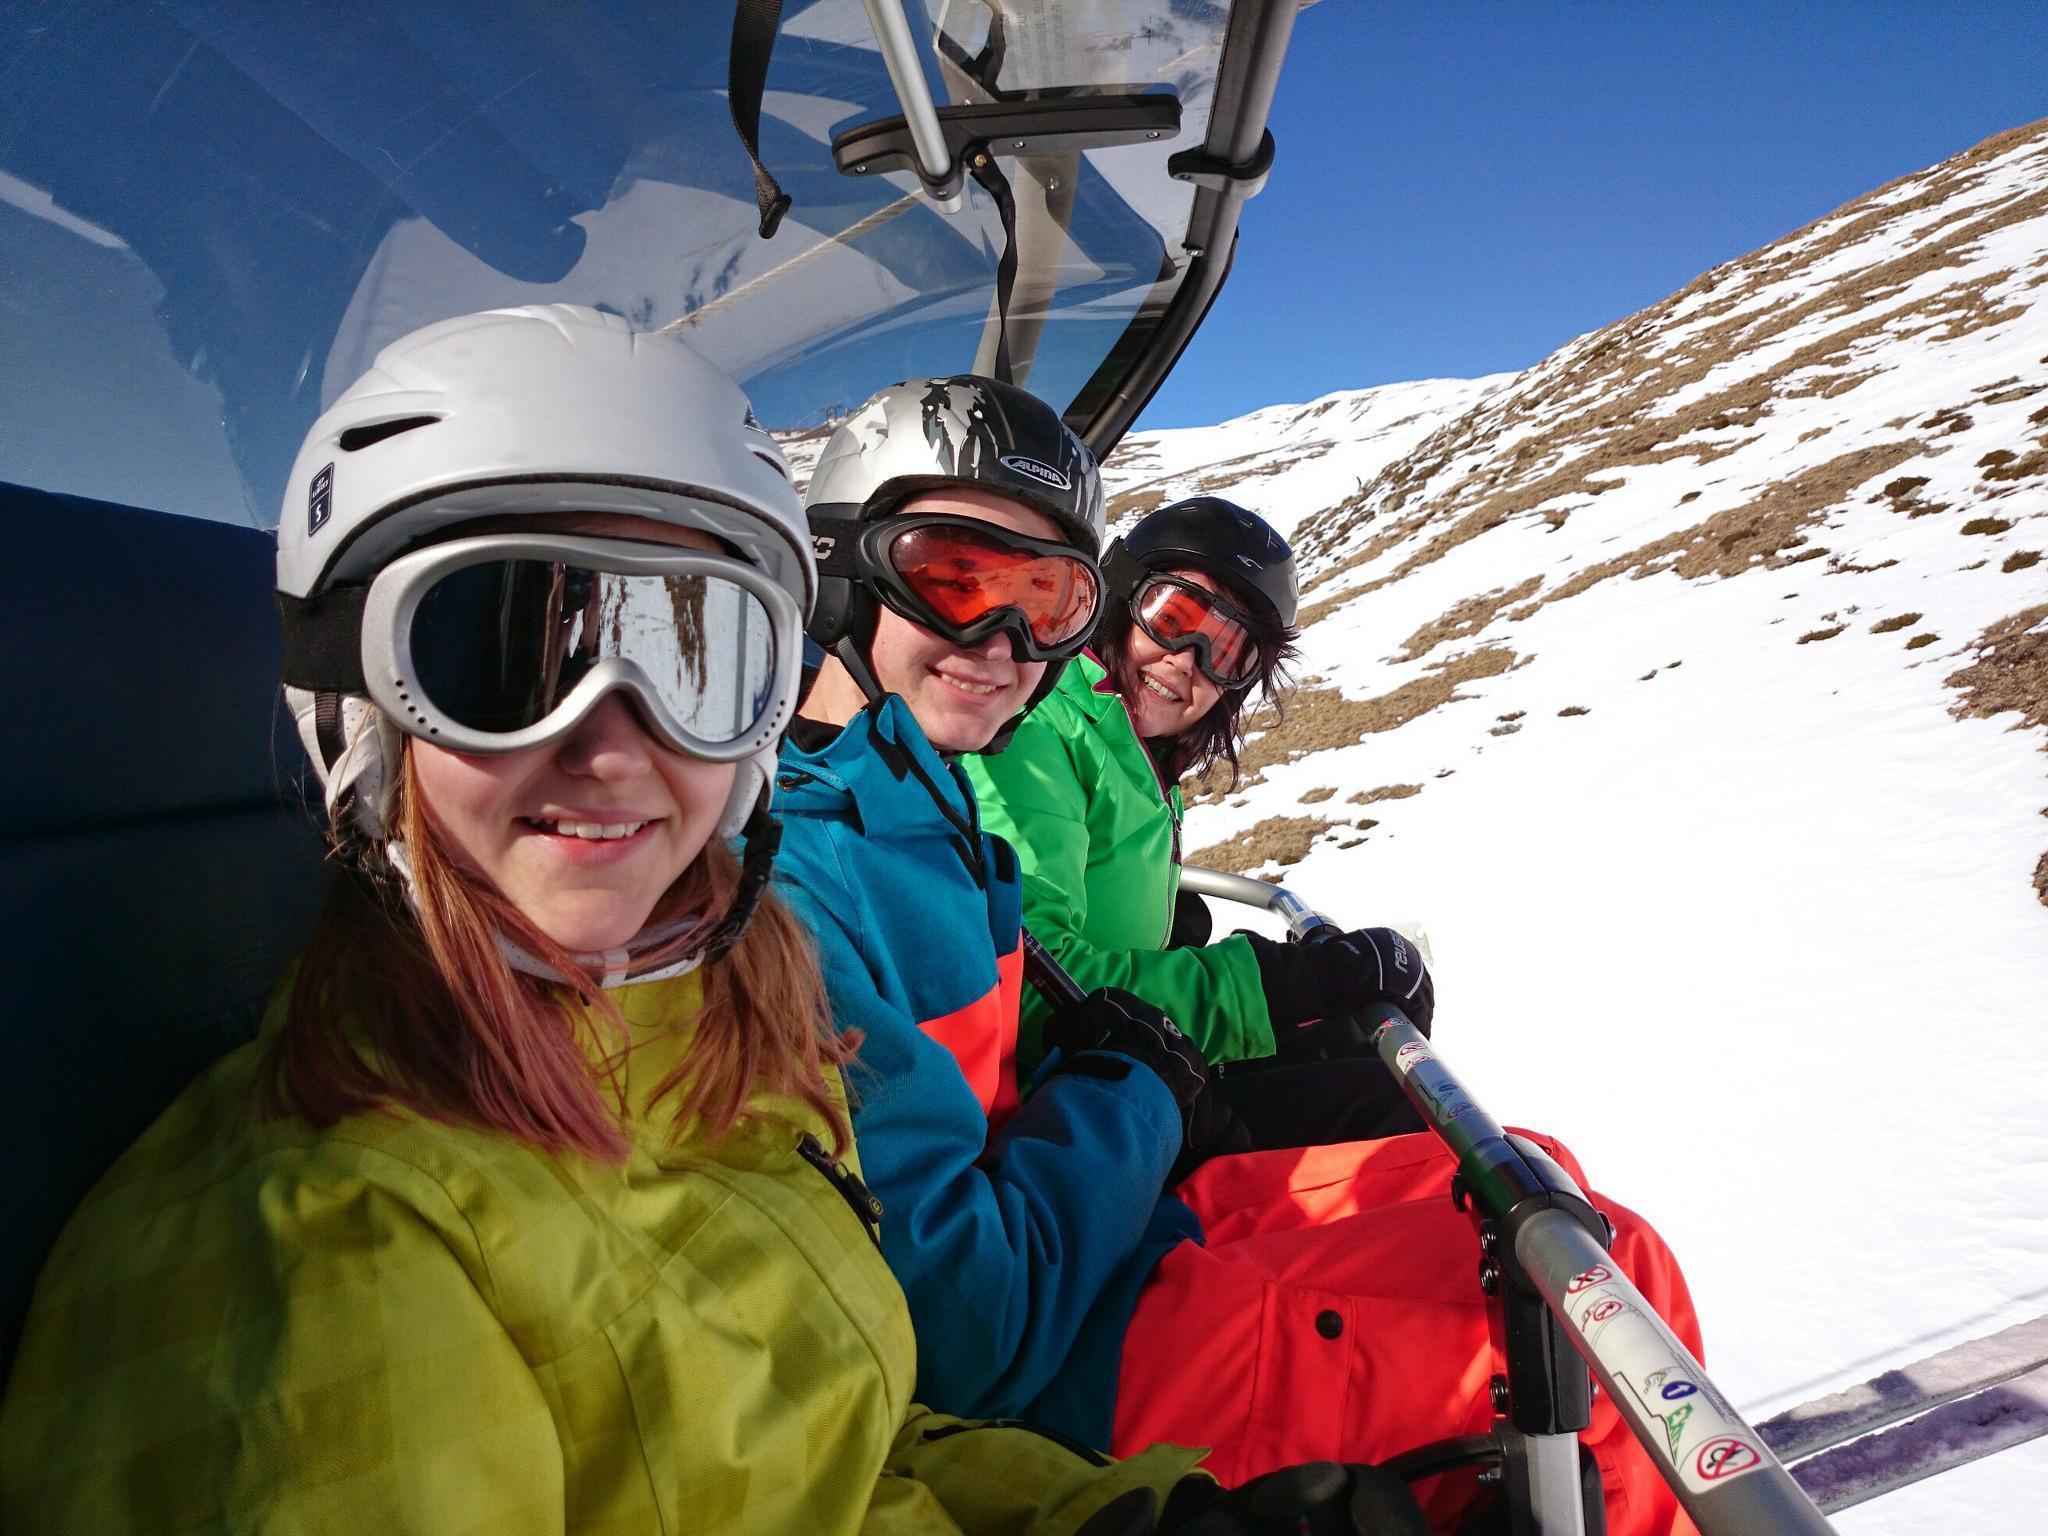 Cours de ski pour Adultes - Basse saison -Matin -Expérimenté